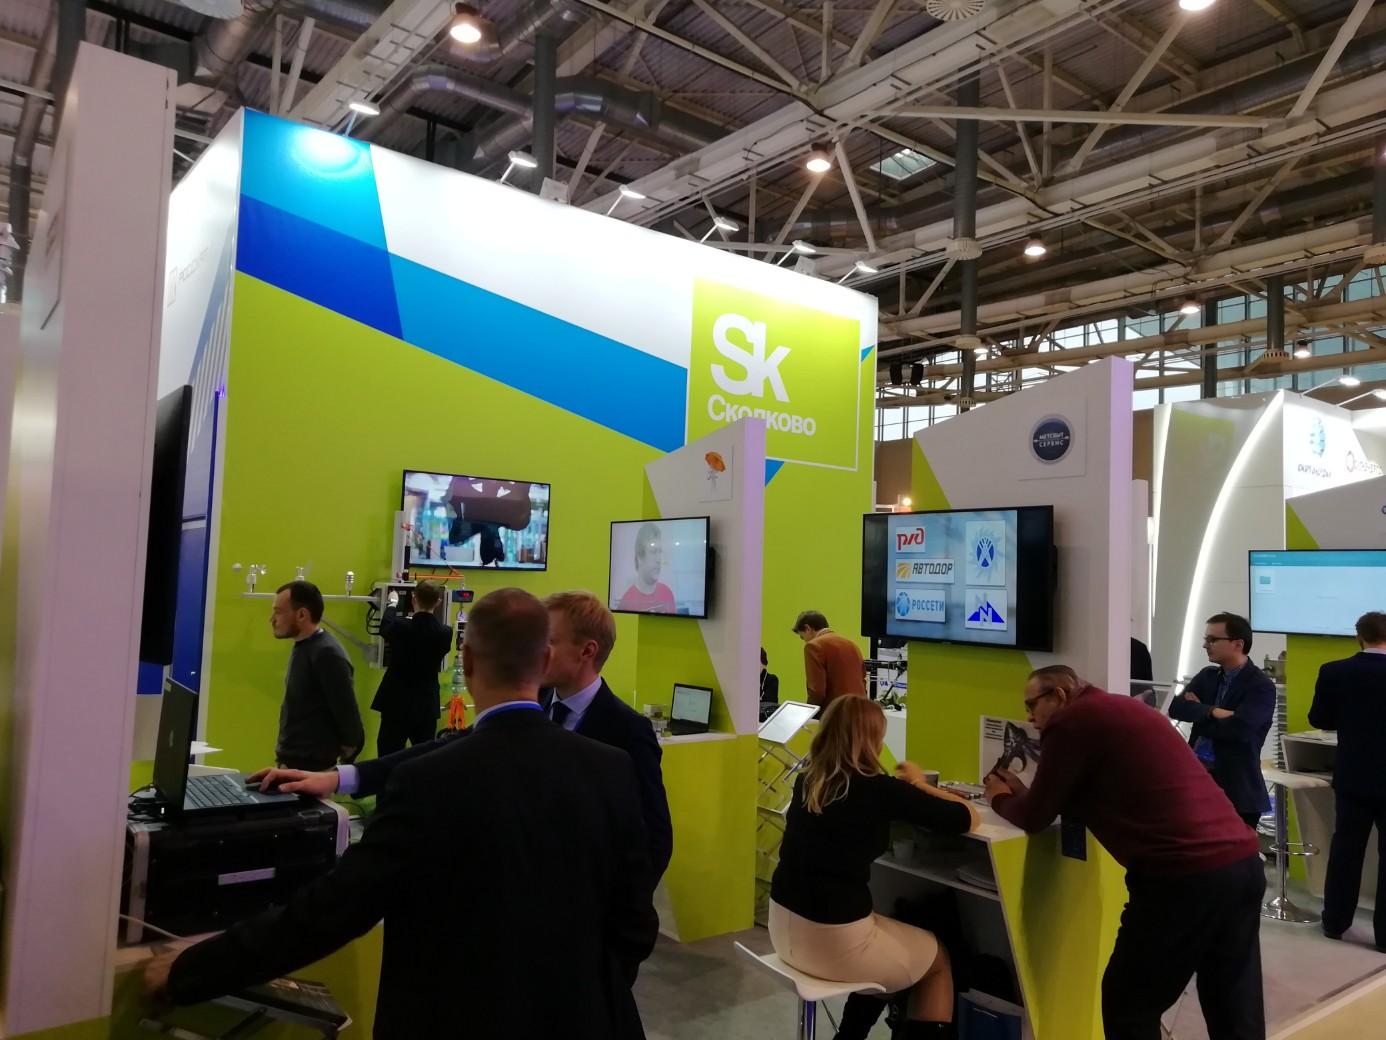 На МФЭС состоялось награждение победителей конкурсов «Энергопрорыв-2019» и«Цифровой прорыв-2019»